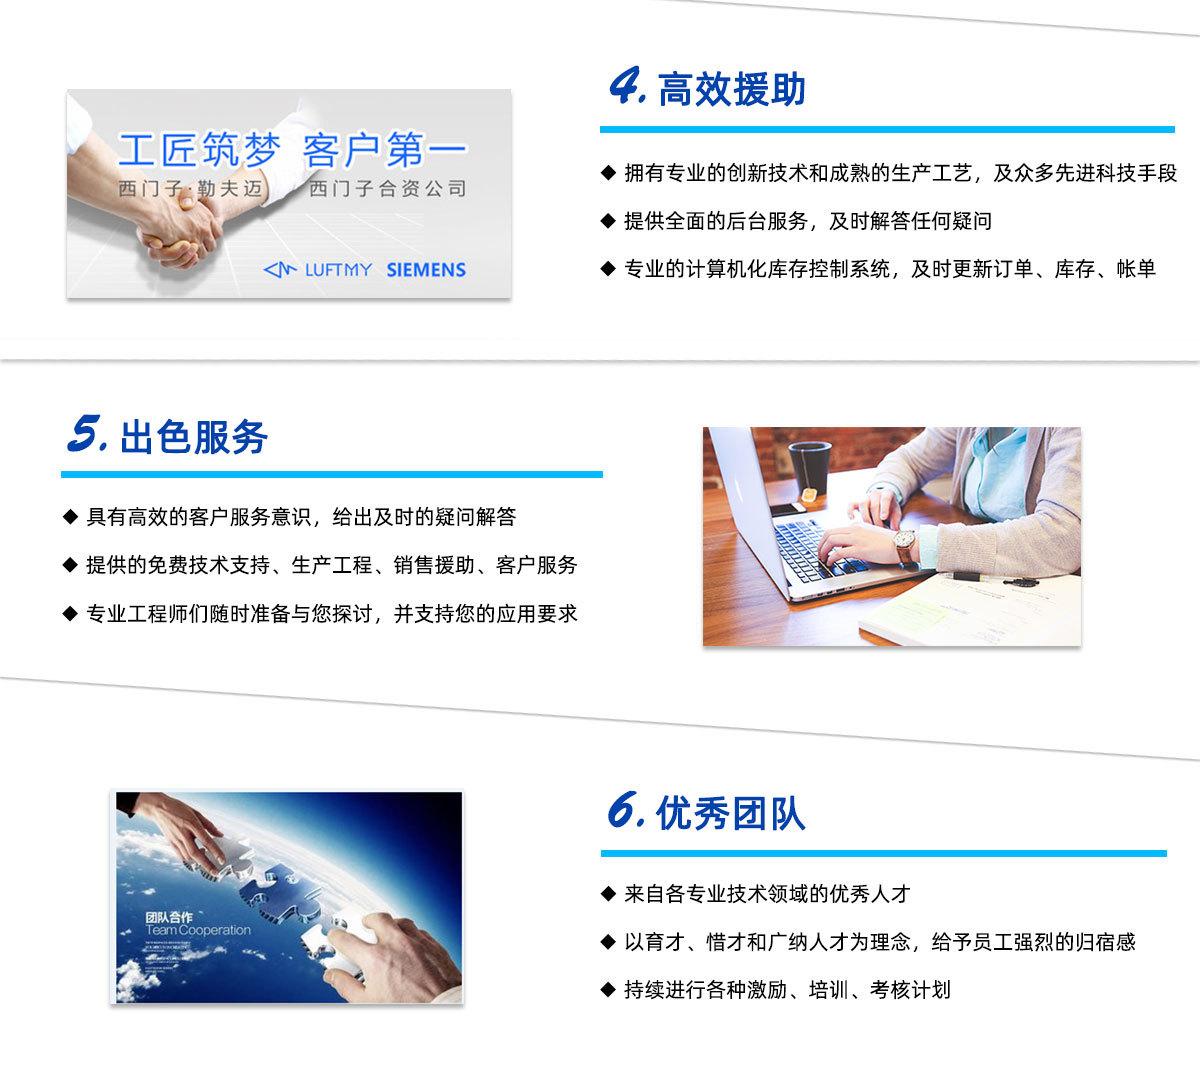 勒夫迈智能科技六大优势